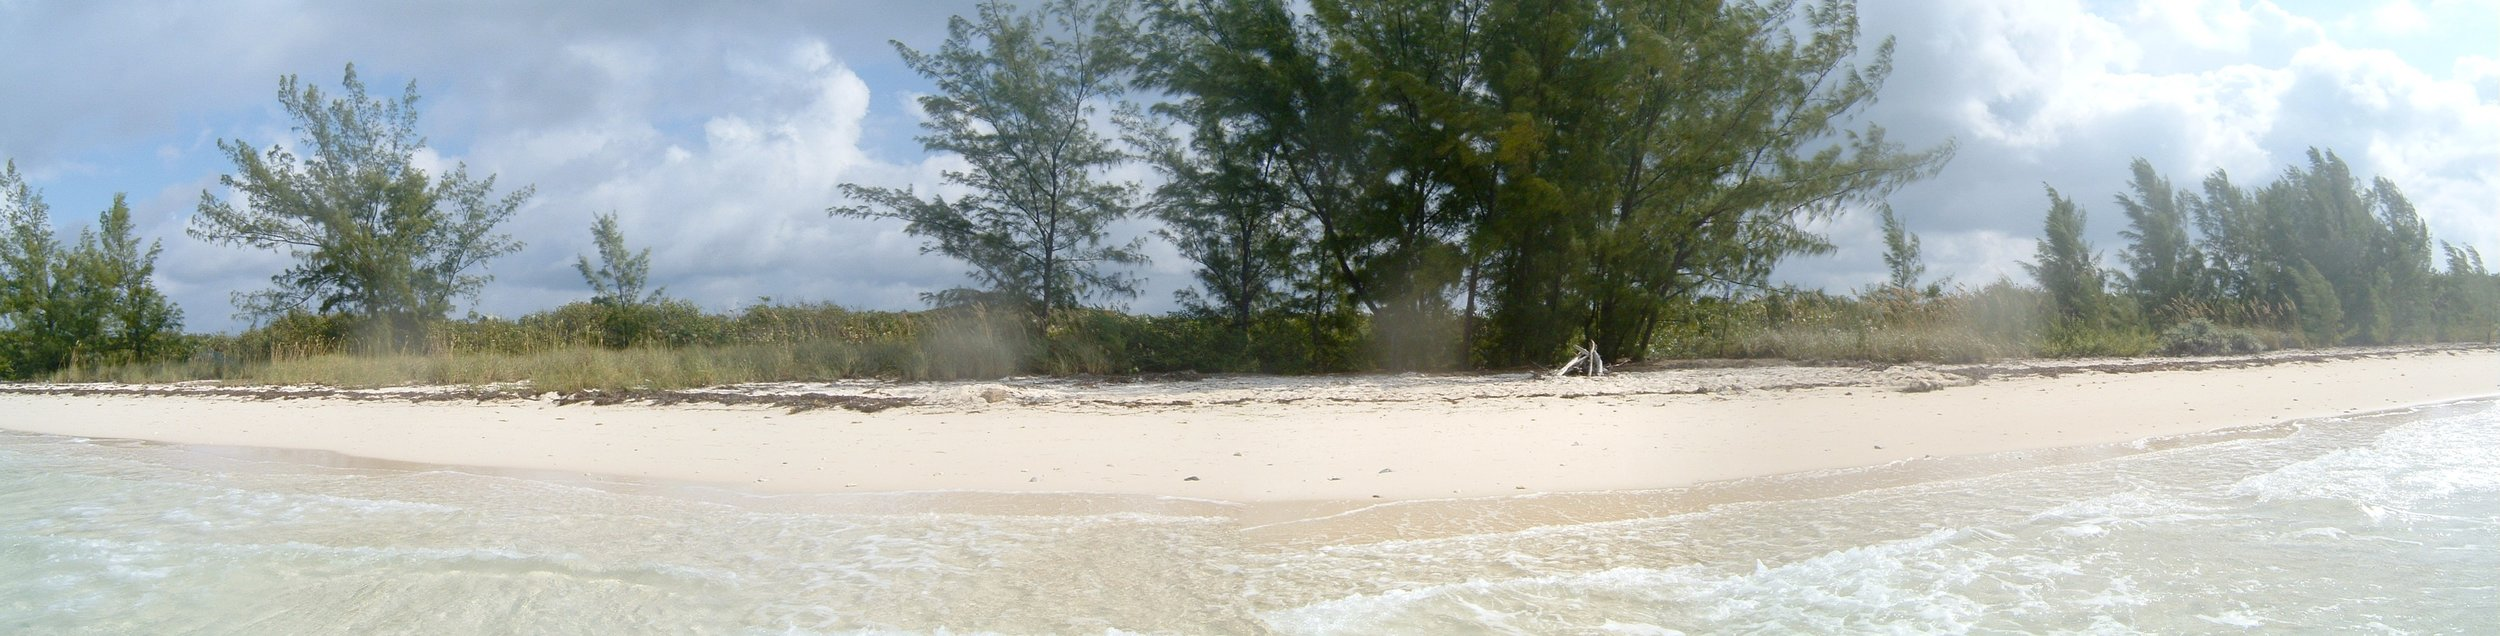 Mann Island South Beach 80oNE.jpg